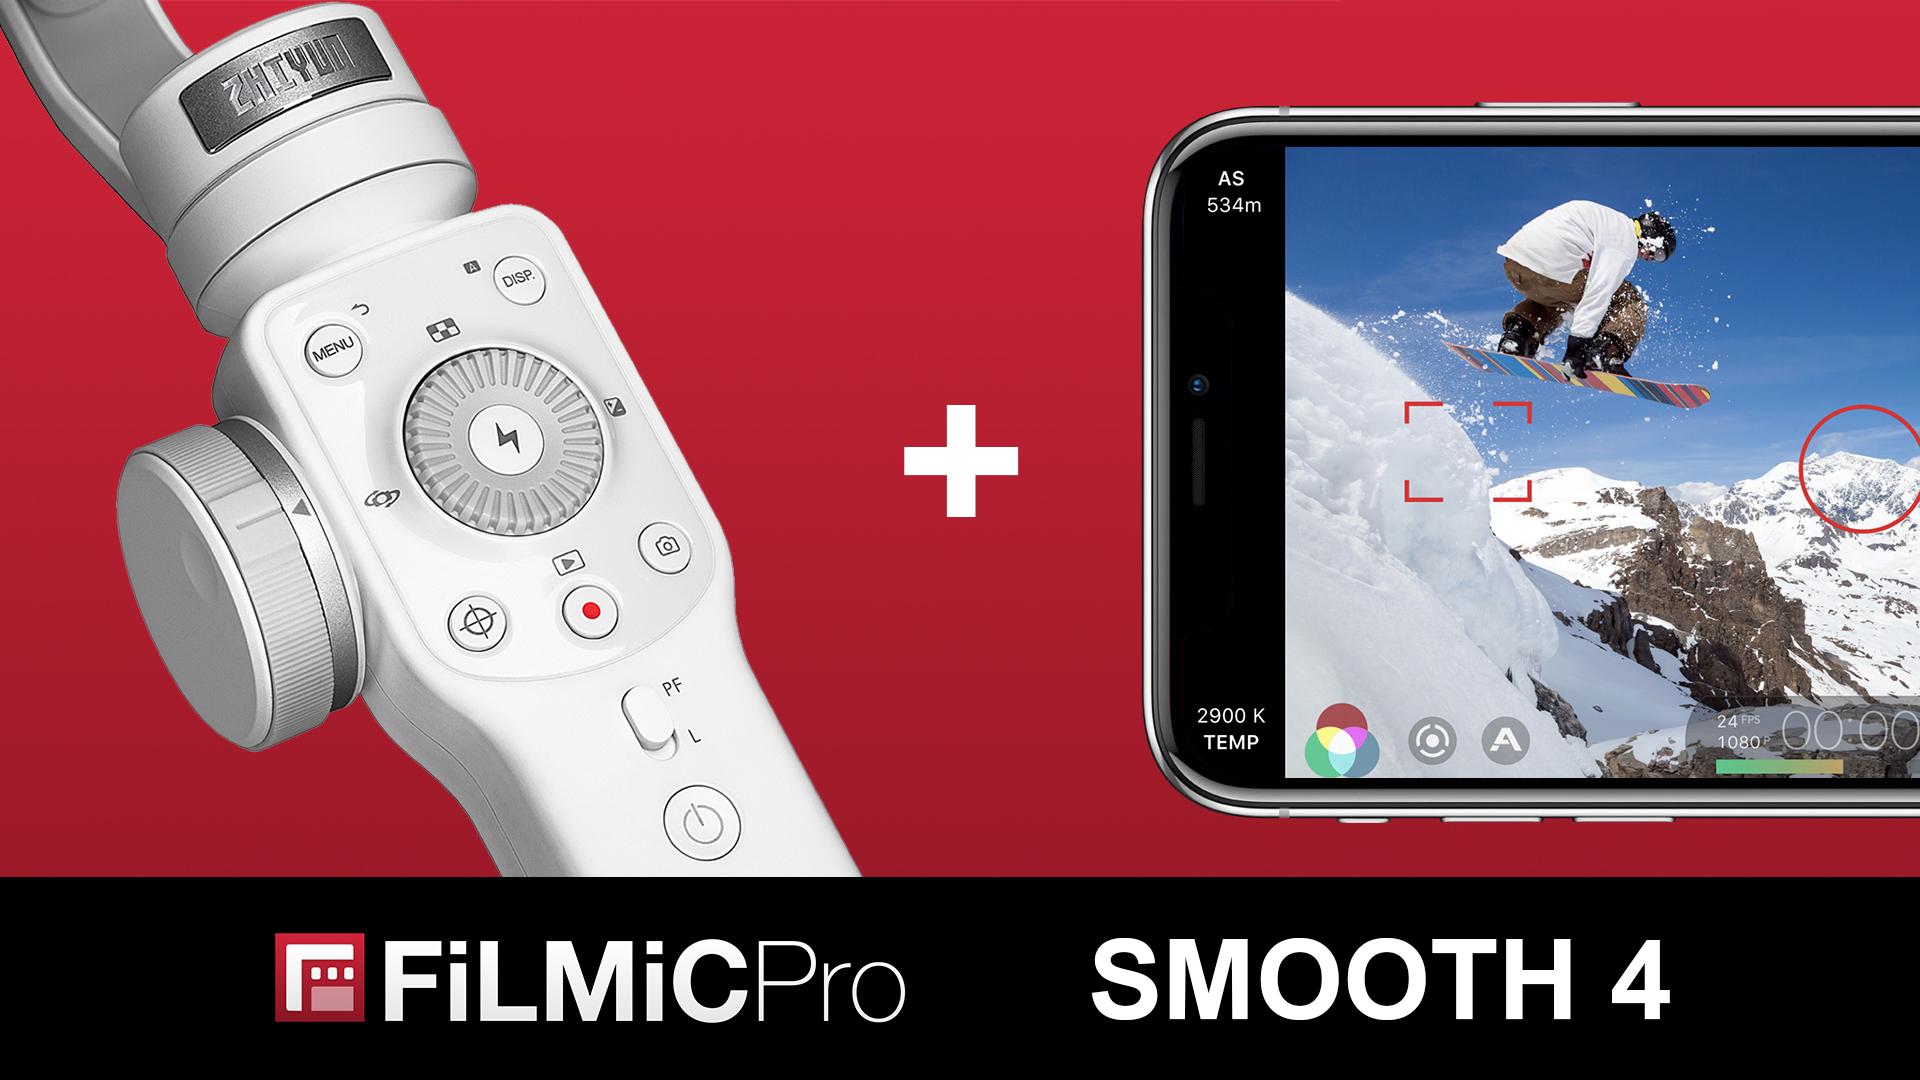 Zhiyun Smooth 4からFiLMiC Proをコントロール - タッチパネルにはない直感的な操作が可能